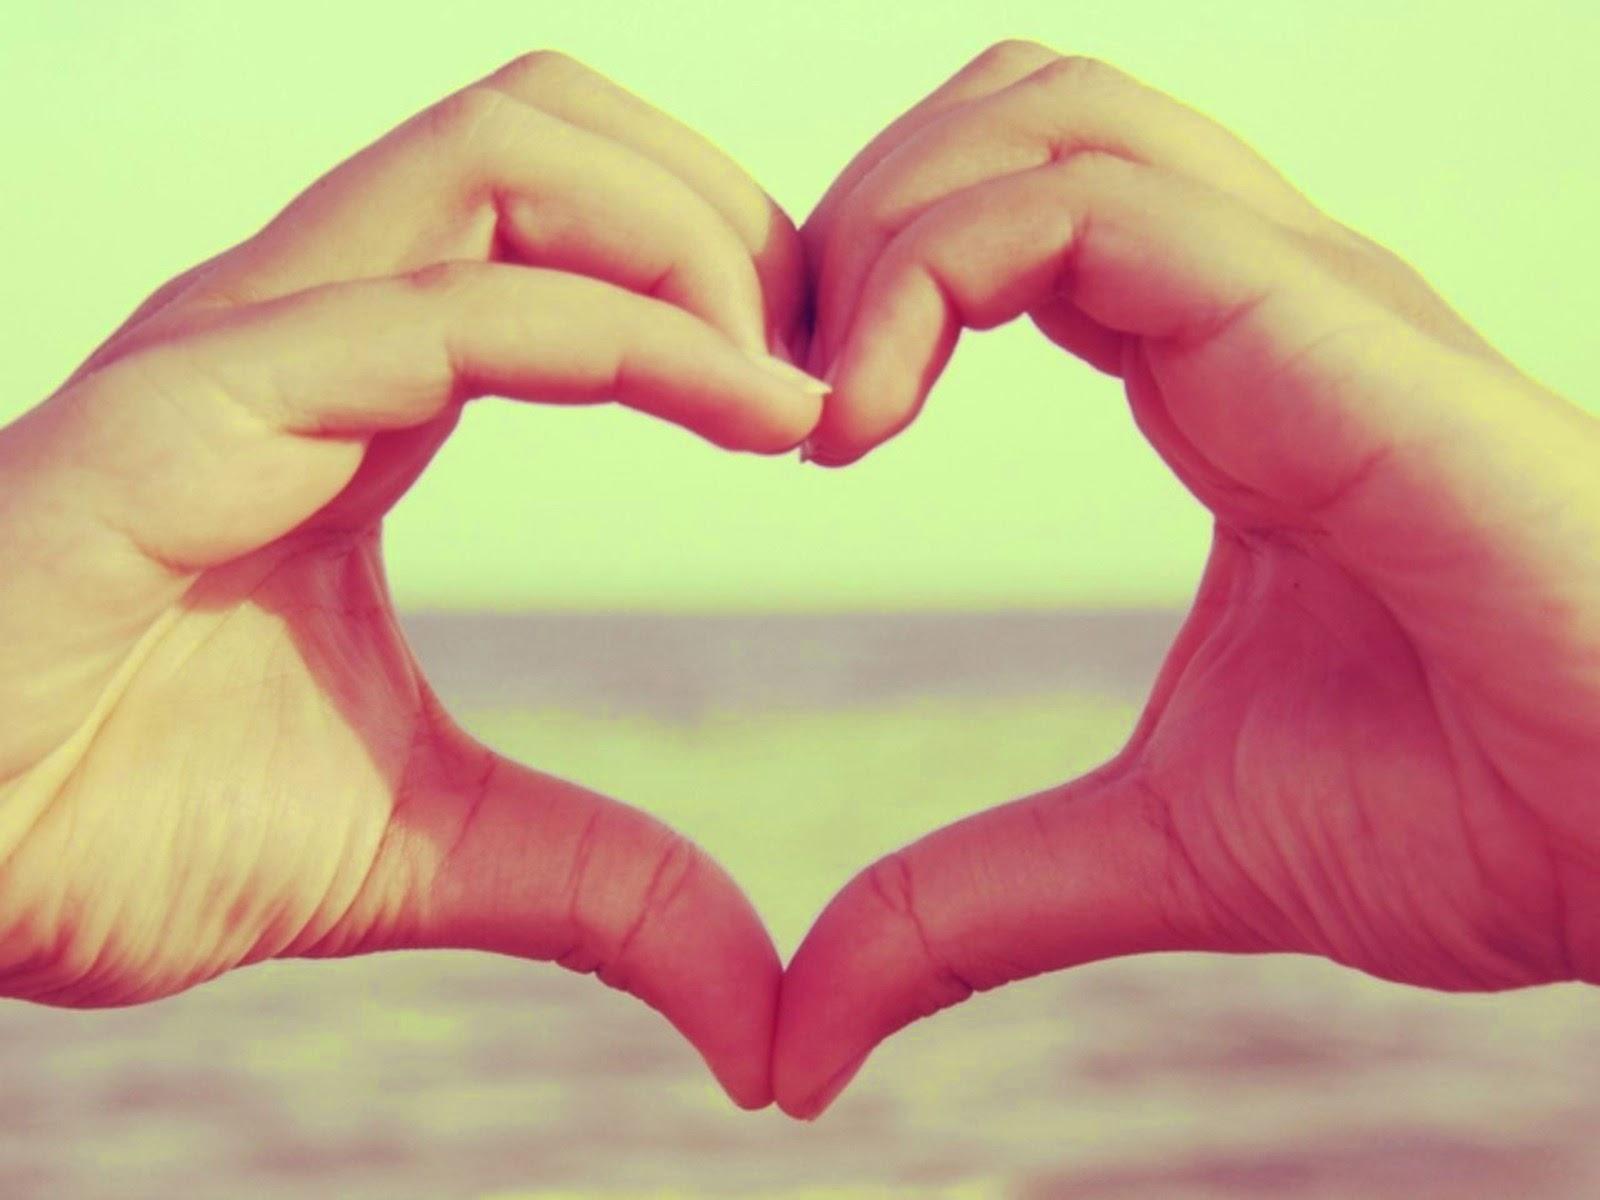 بالصور حب و غرام , كلمات تصيب قلب من تحب 239 10